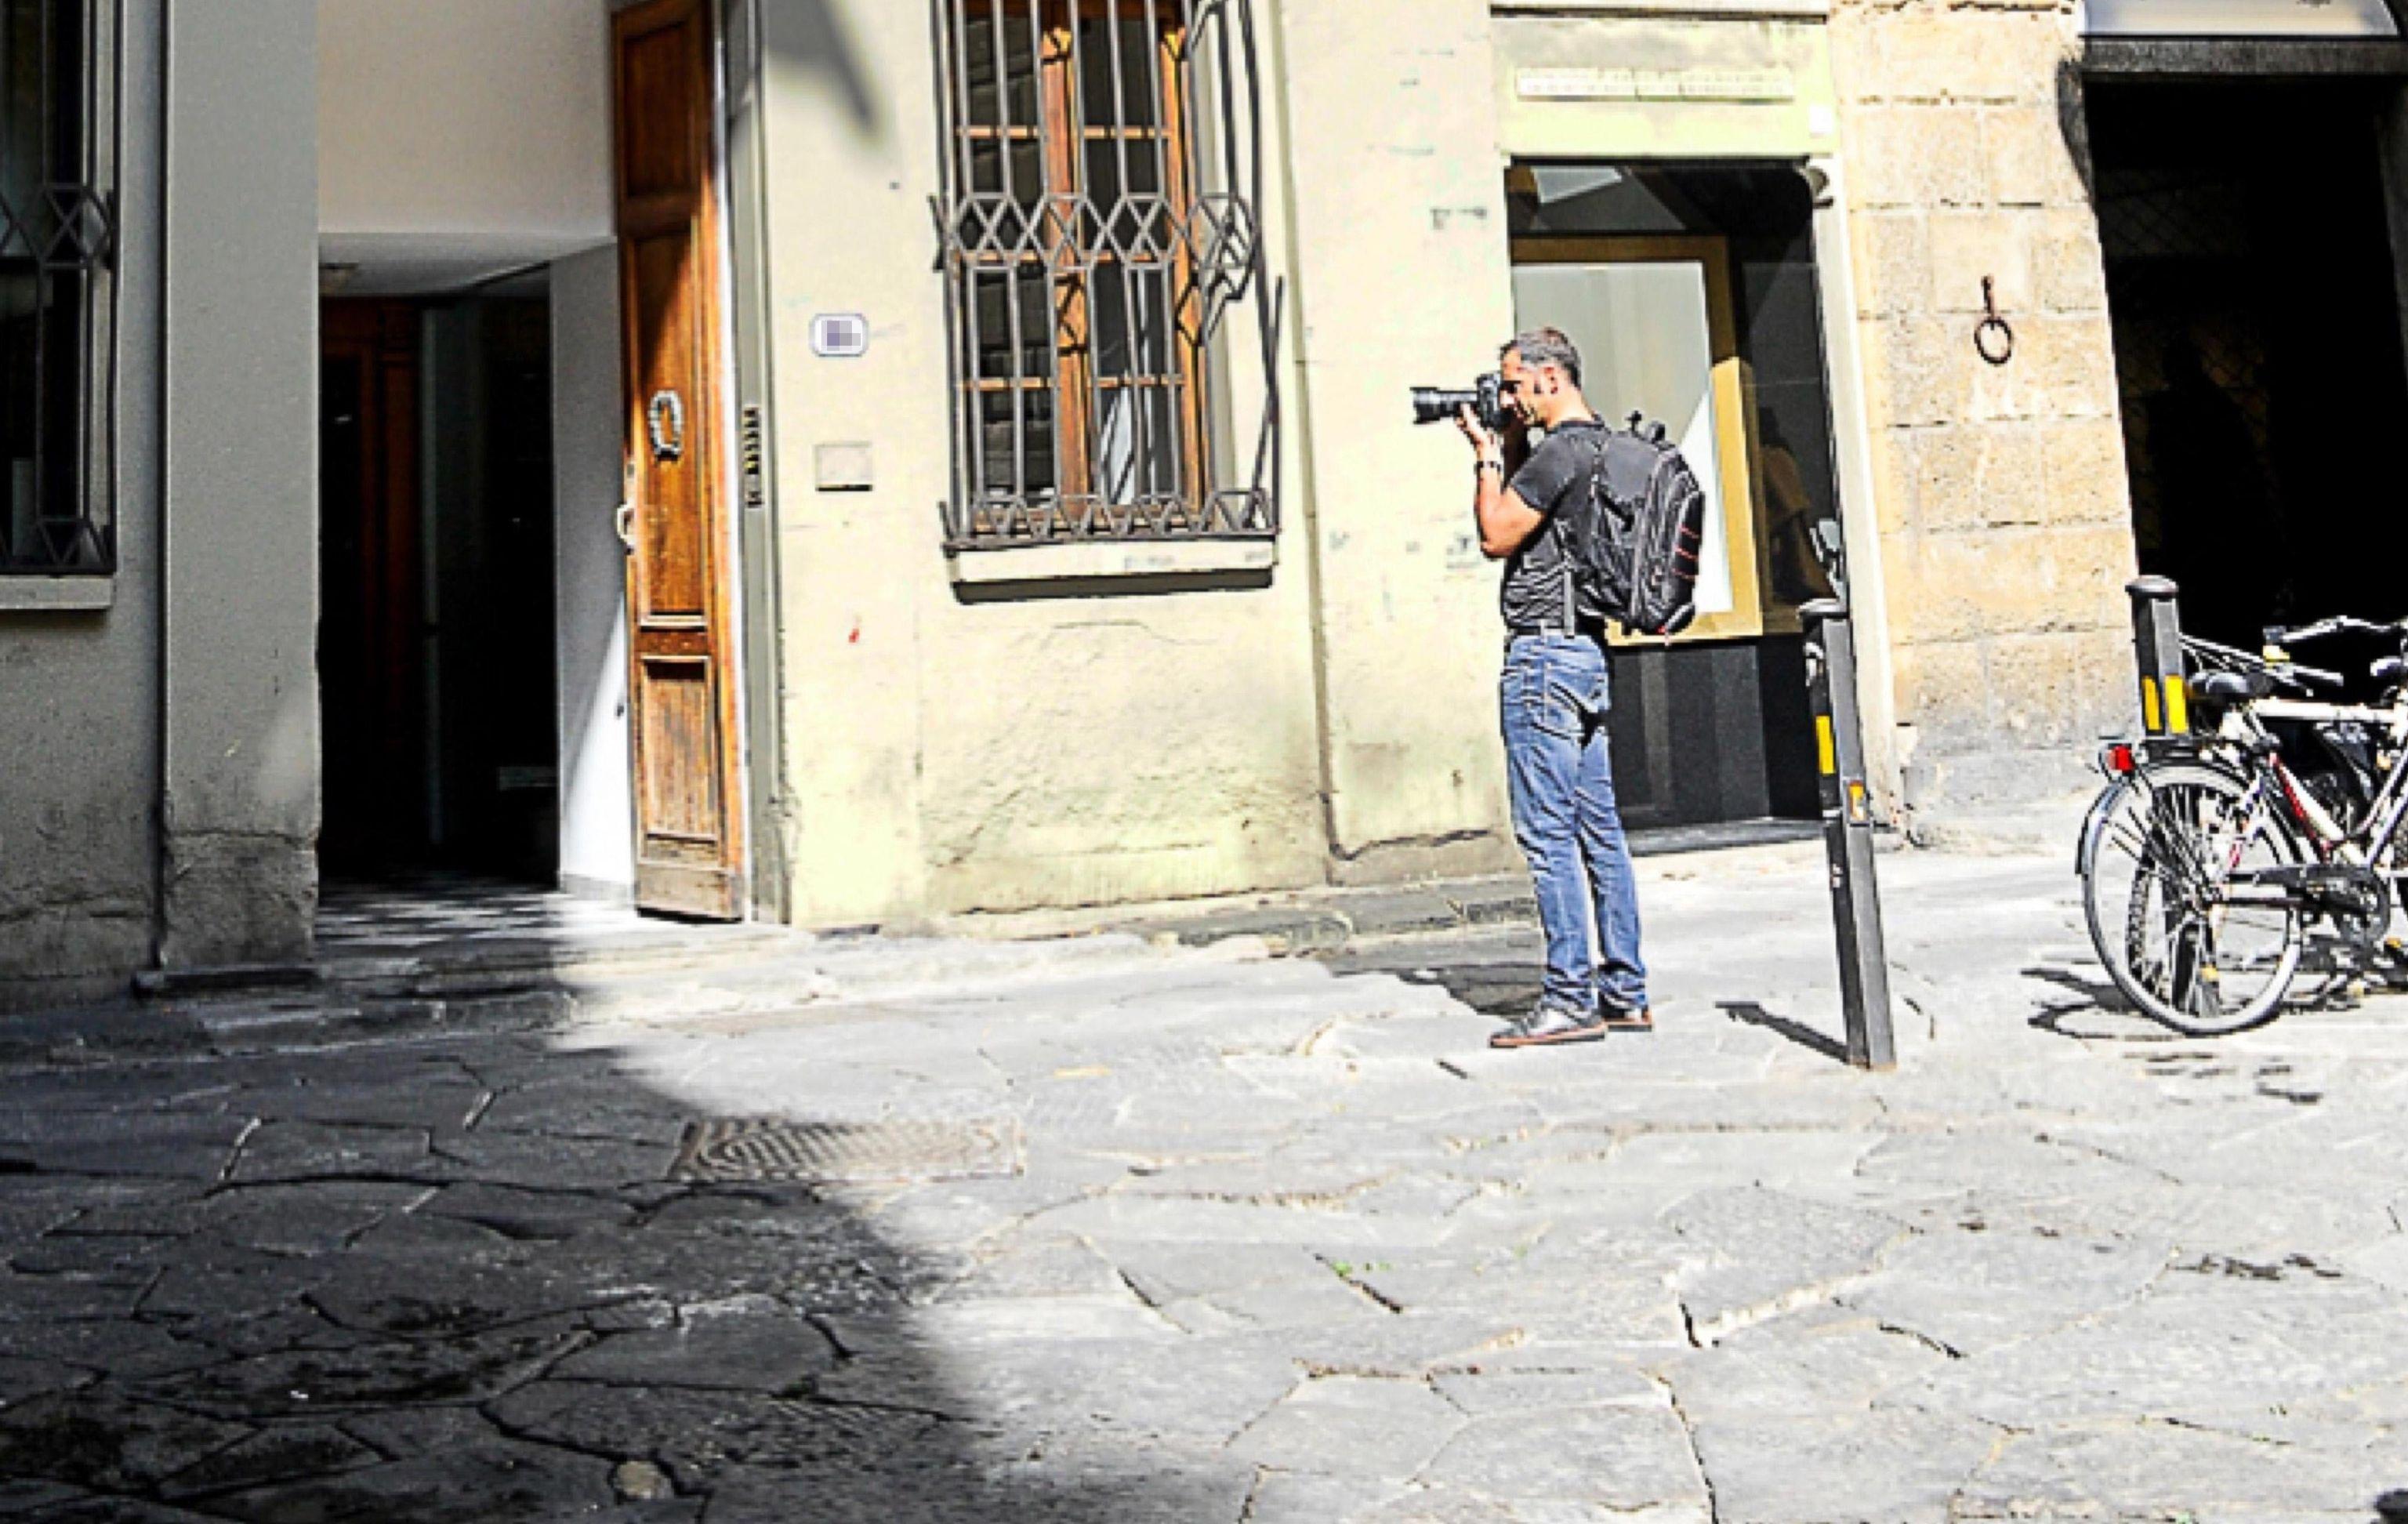 Stupro Firenze, uno dei due Carabinieri ai pm: 'Il rapporto c'è stato ma fu consenziente'